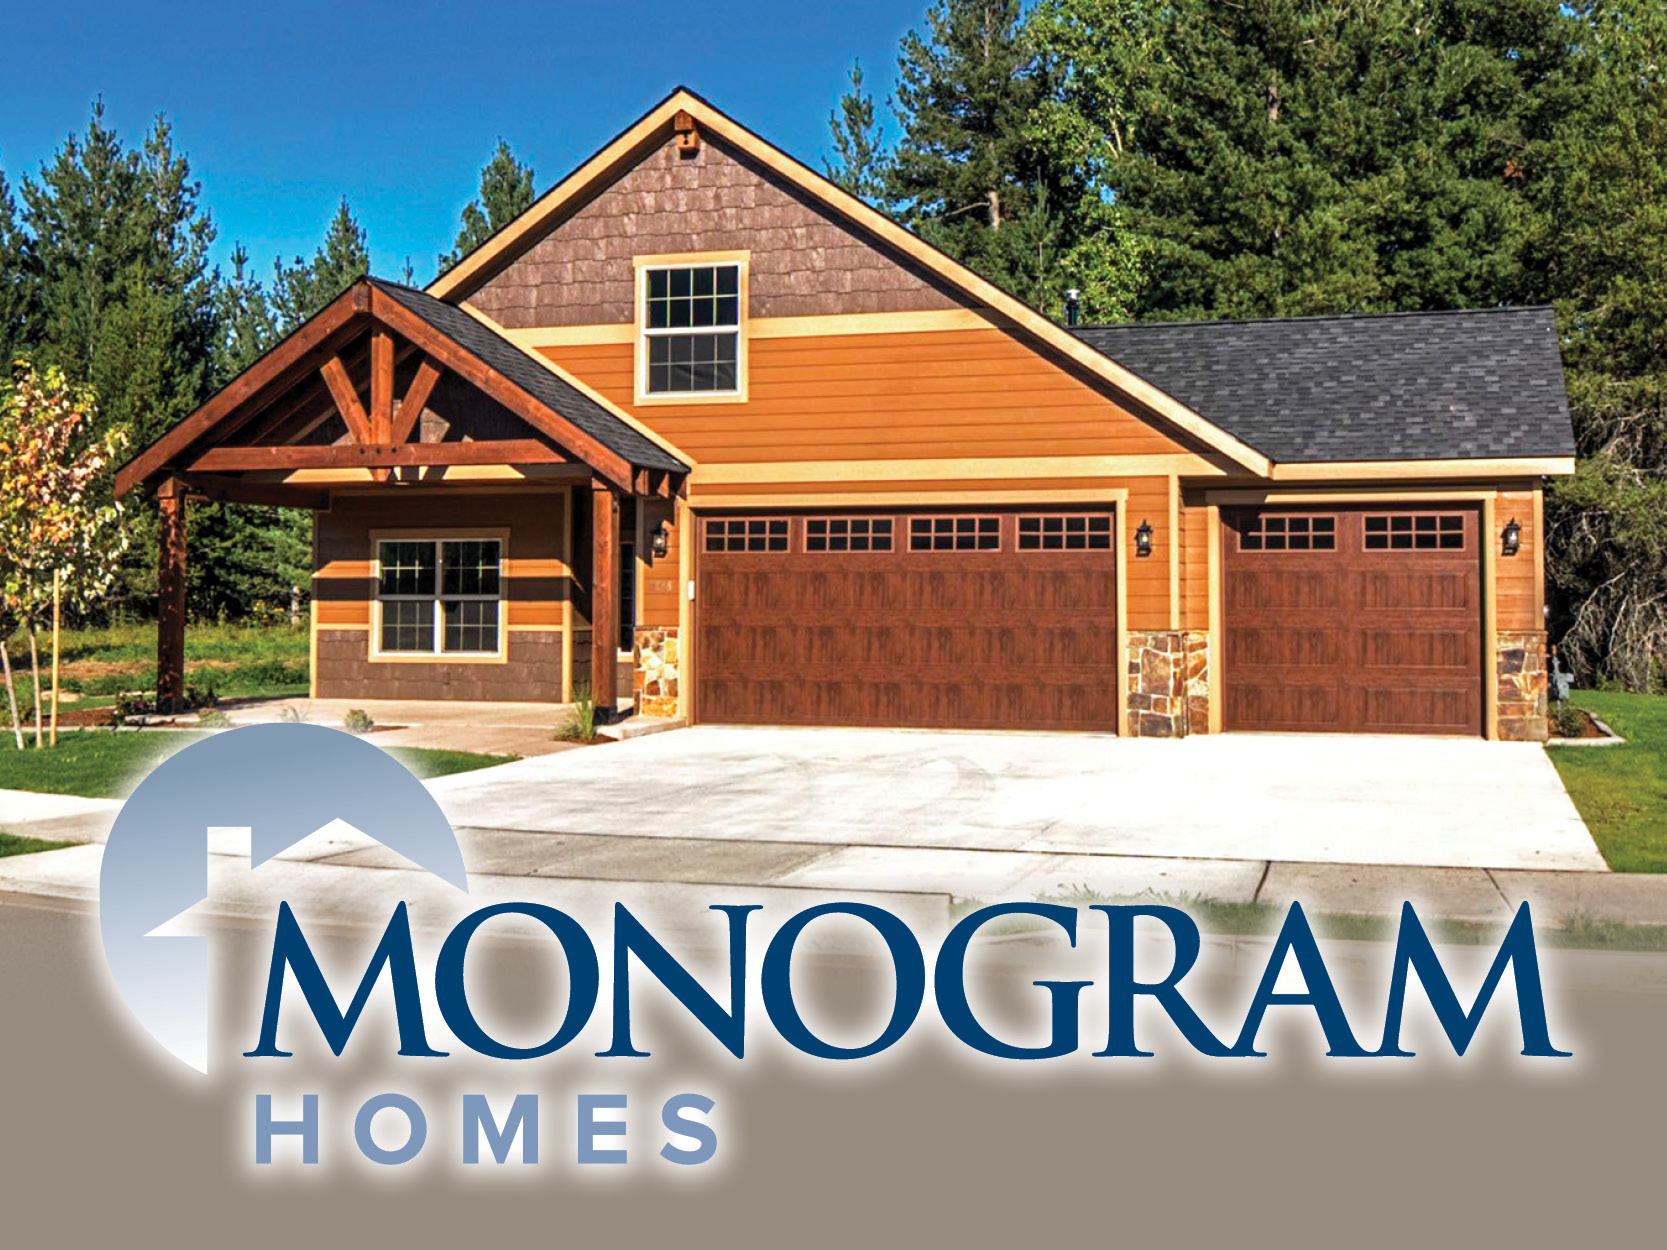 Monogram Homes